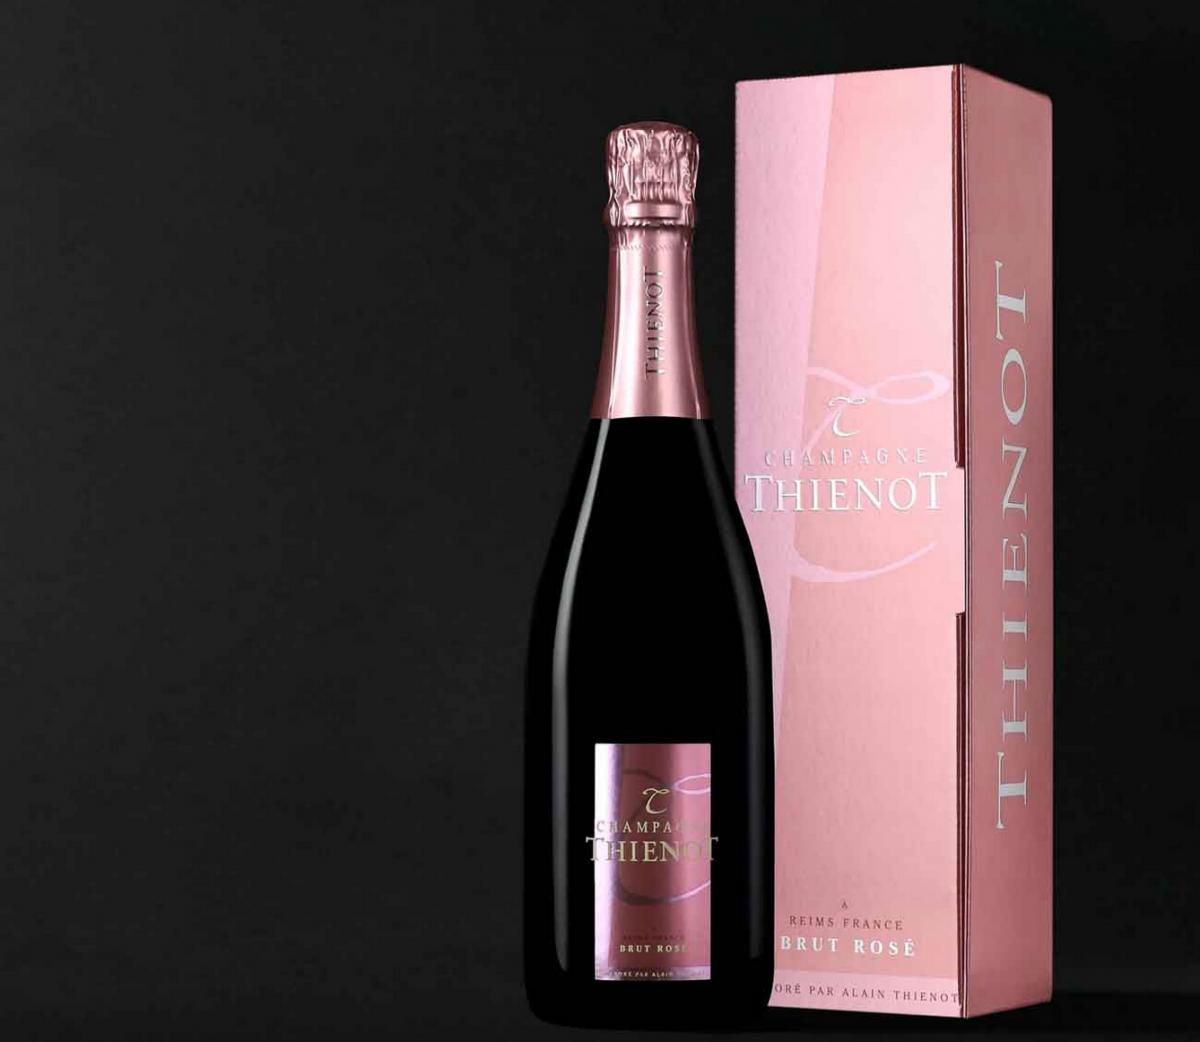 Champagne Thiénot Unveils Thiénot Brut Rosé